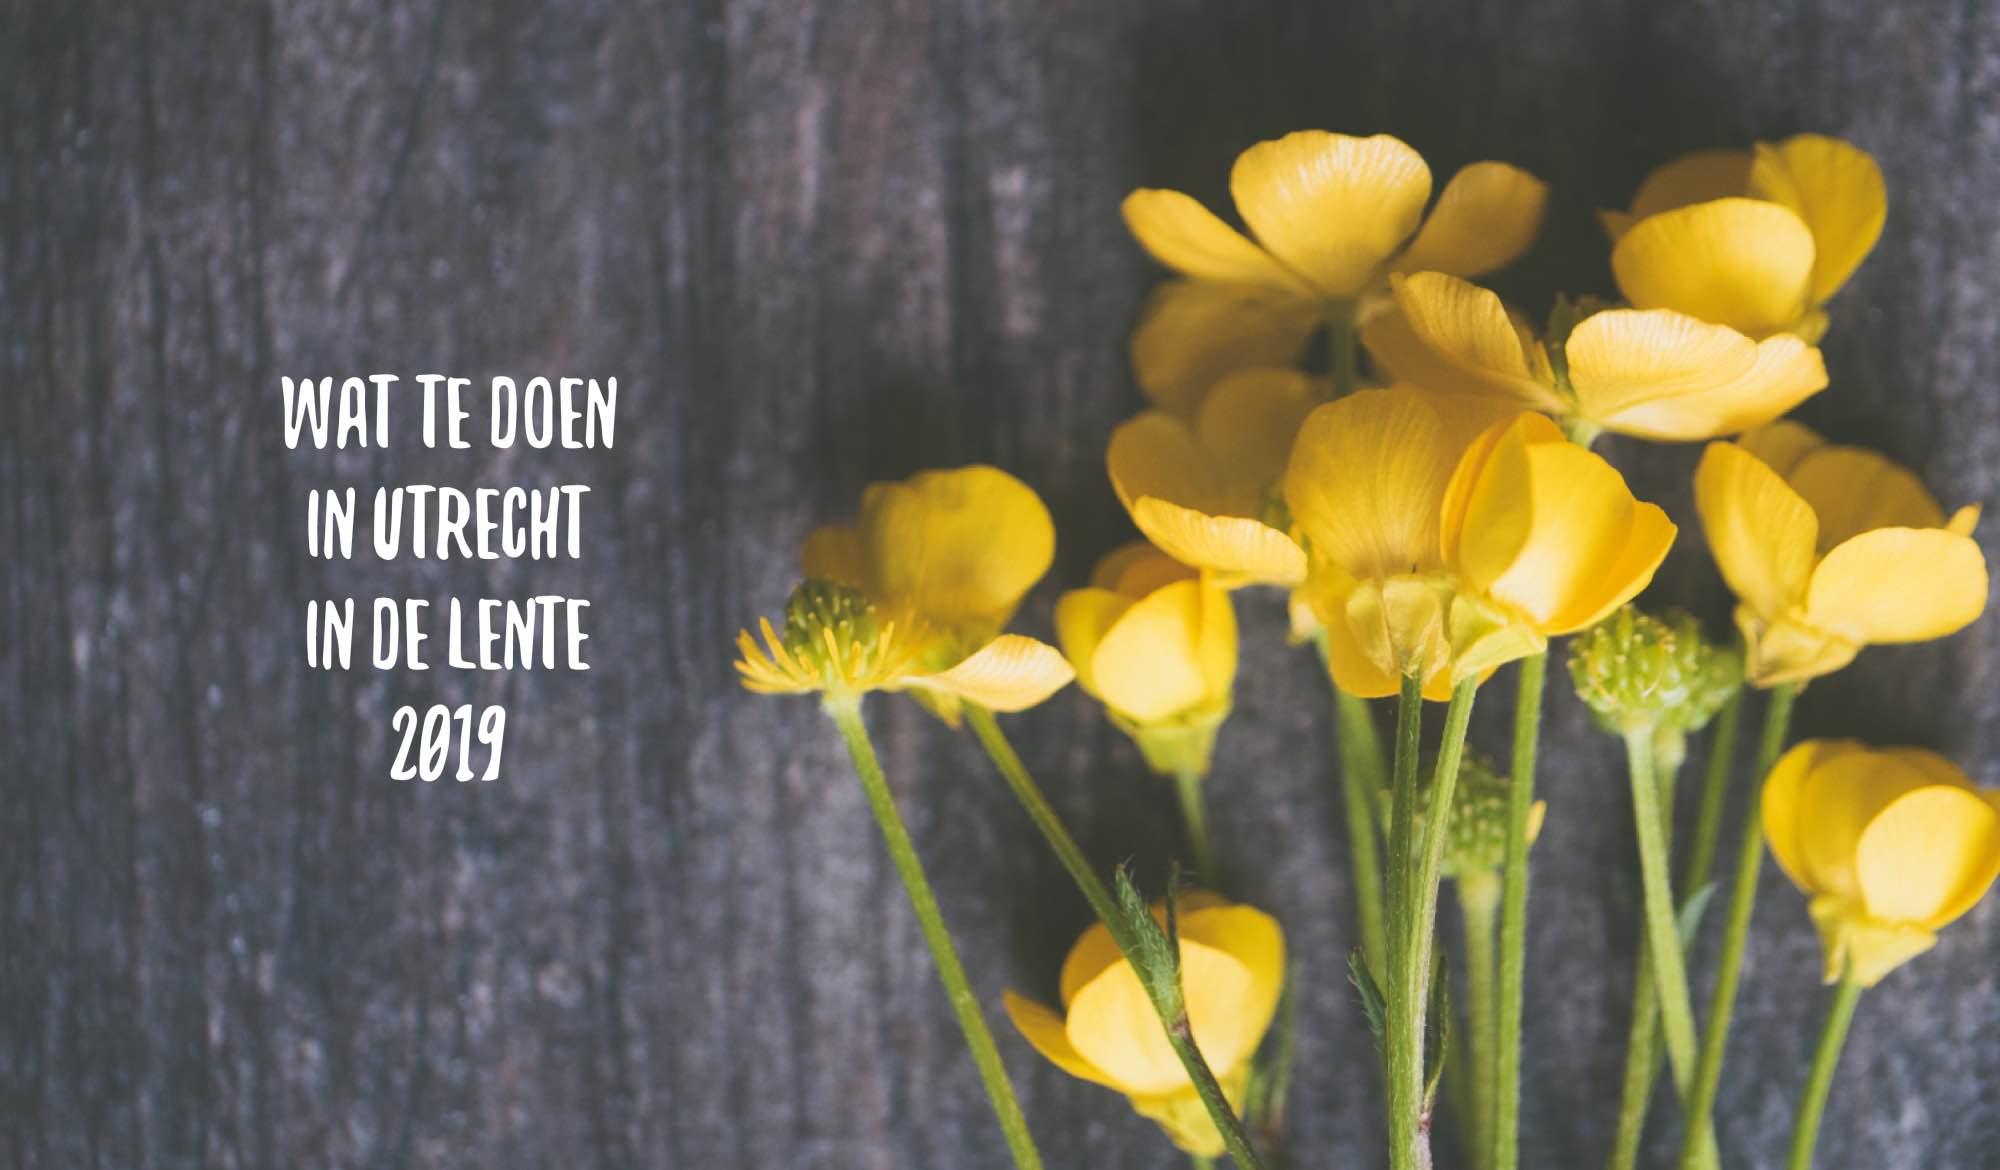 Wat te doen in Utrecht in de lente 2019